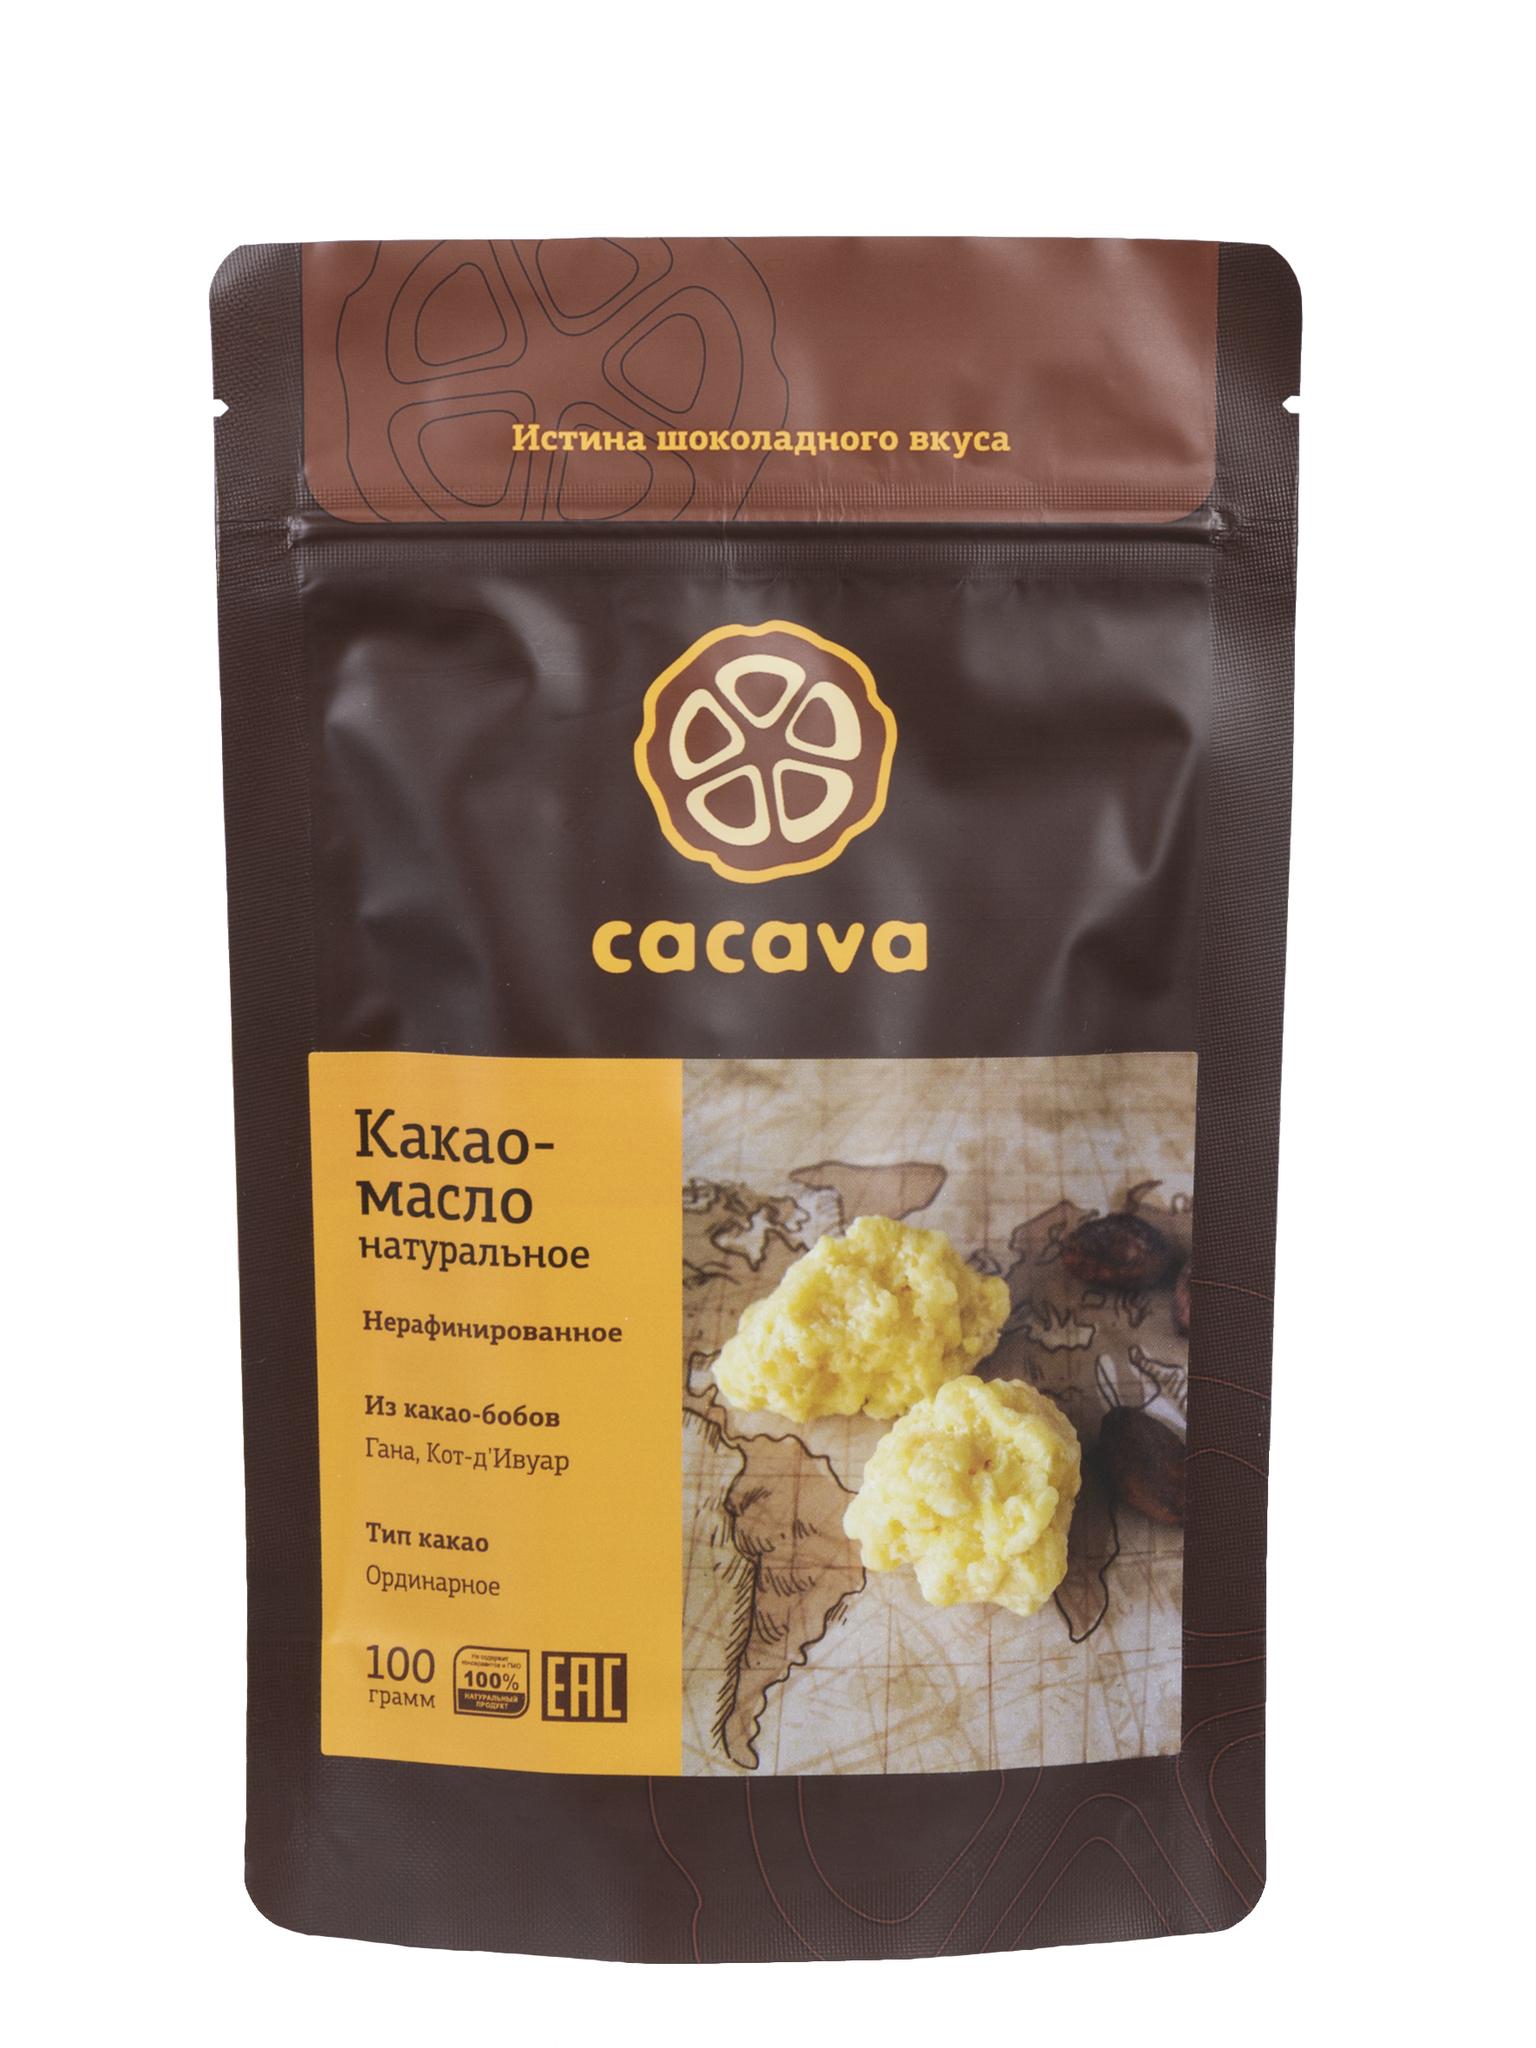 Какао-масло натуральное нерафинированное (Африка), упаковка 100 грамм